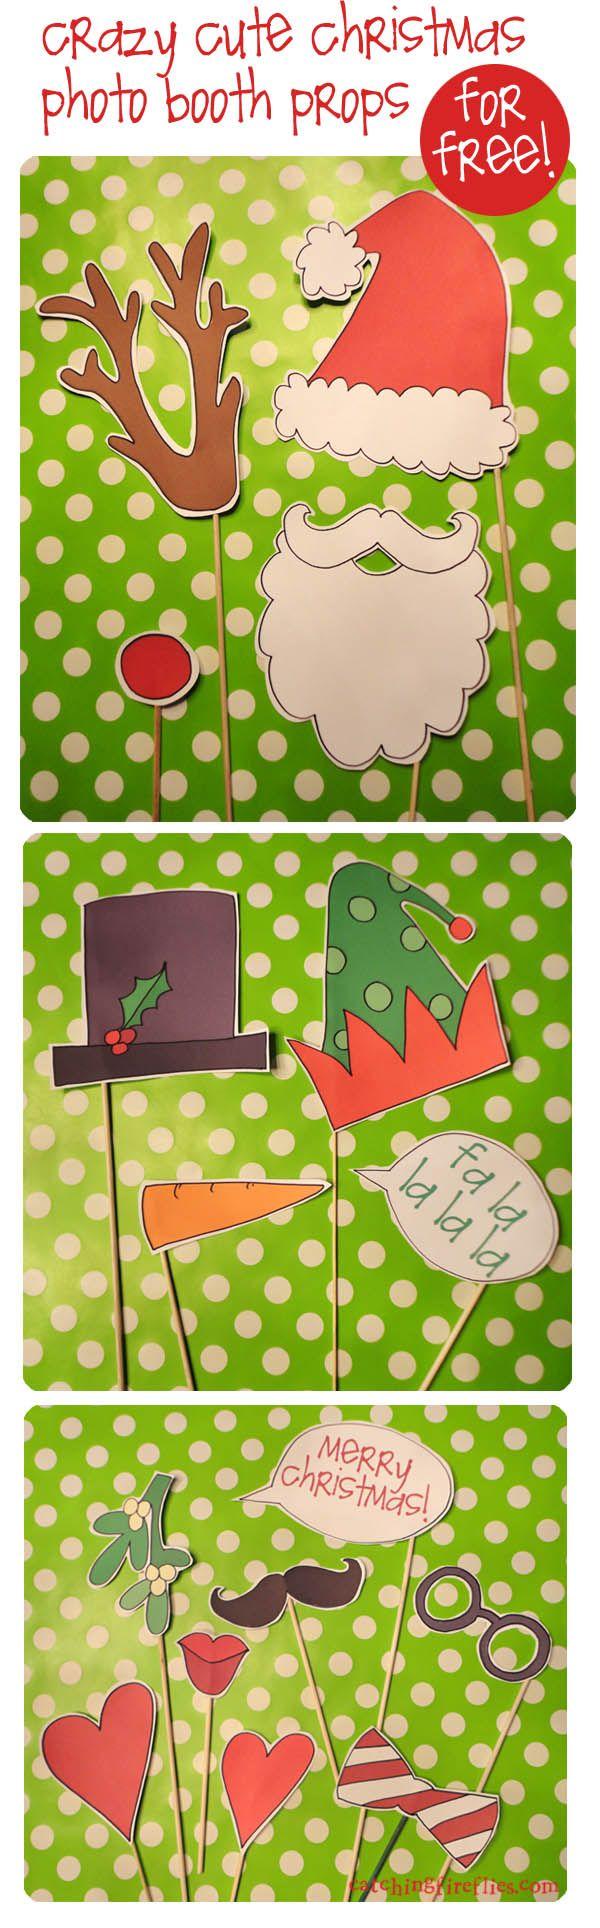 Free Printable Christmas photo booth props